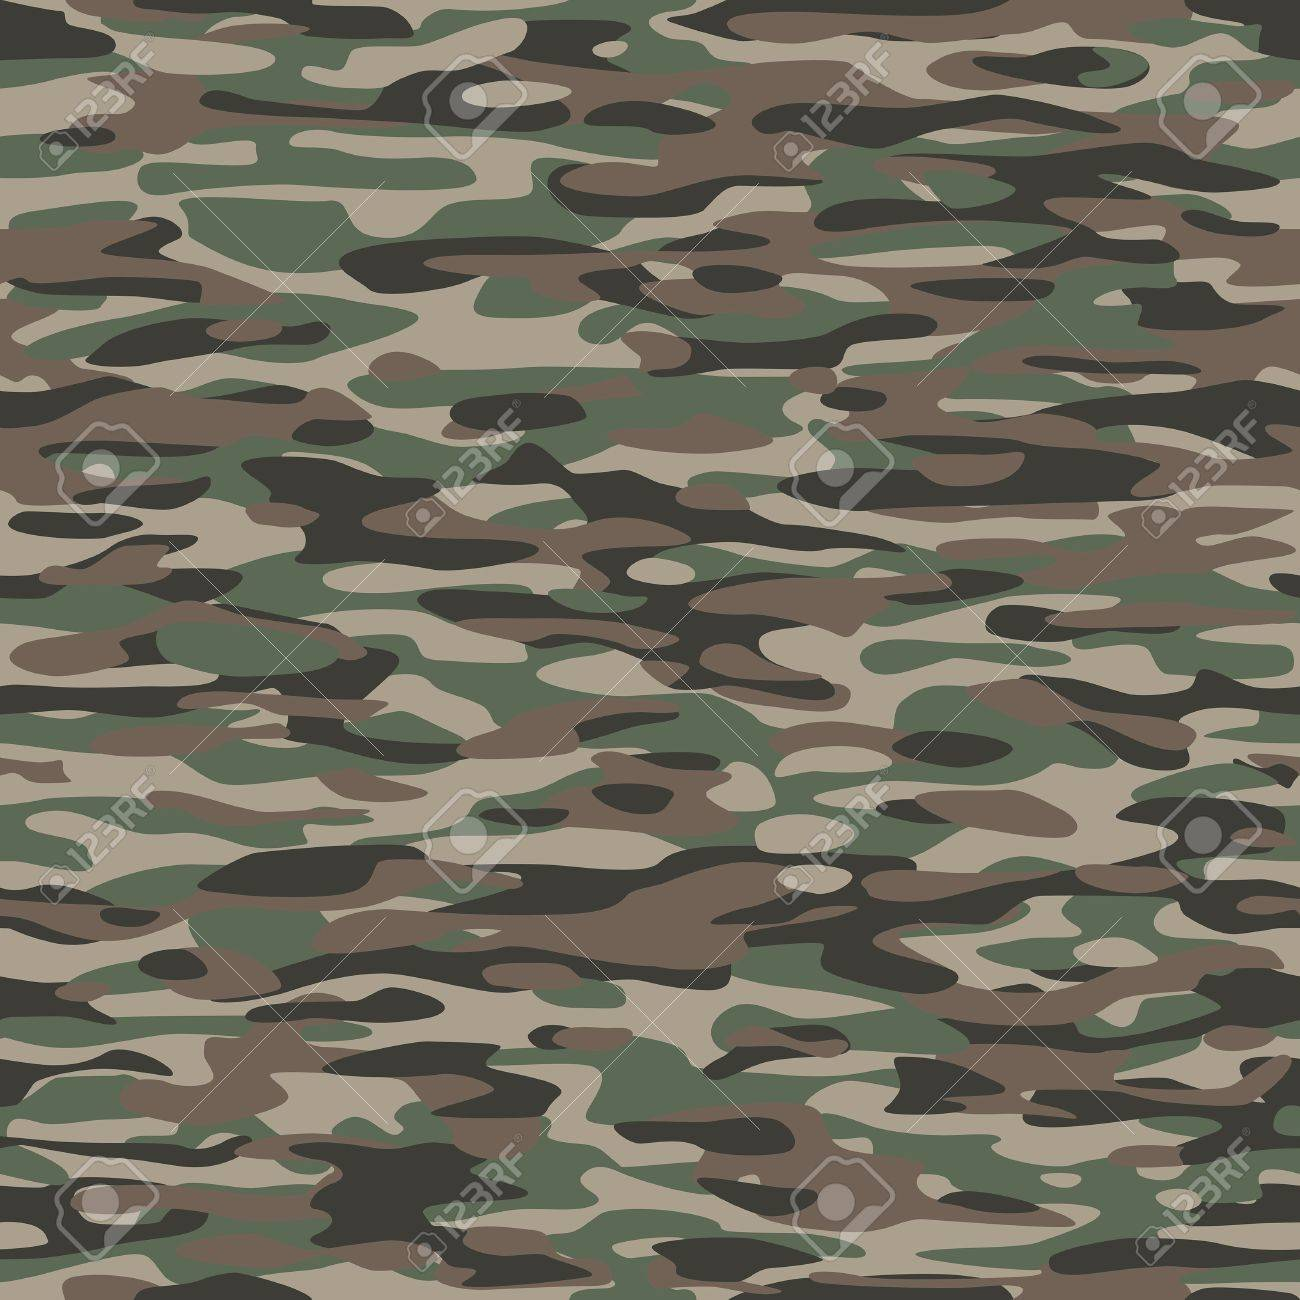 カモフラージュ織物のパターン ...